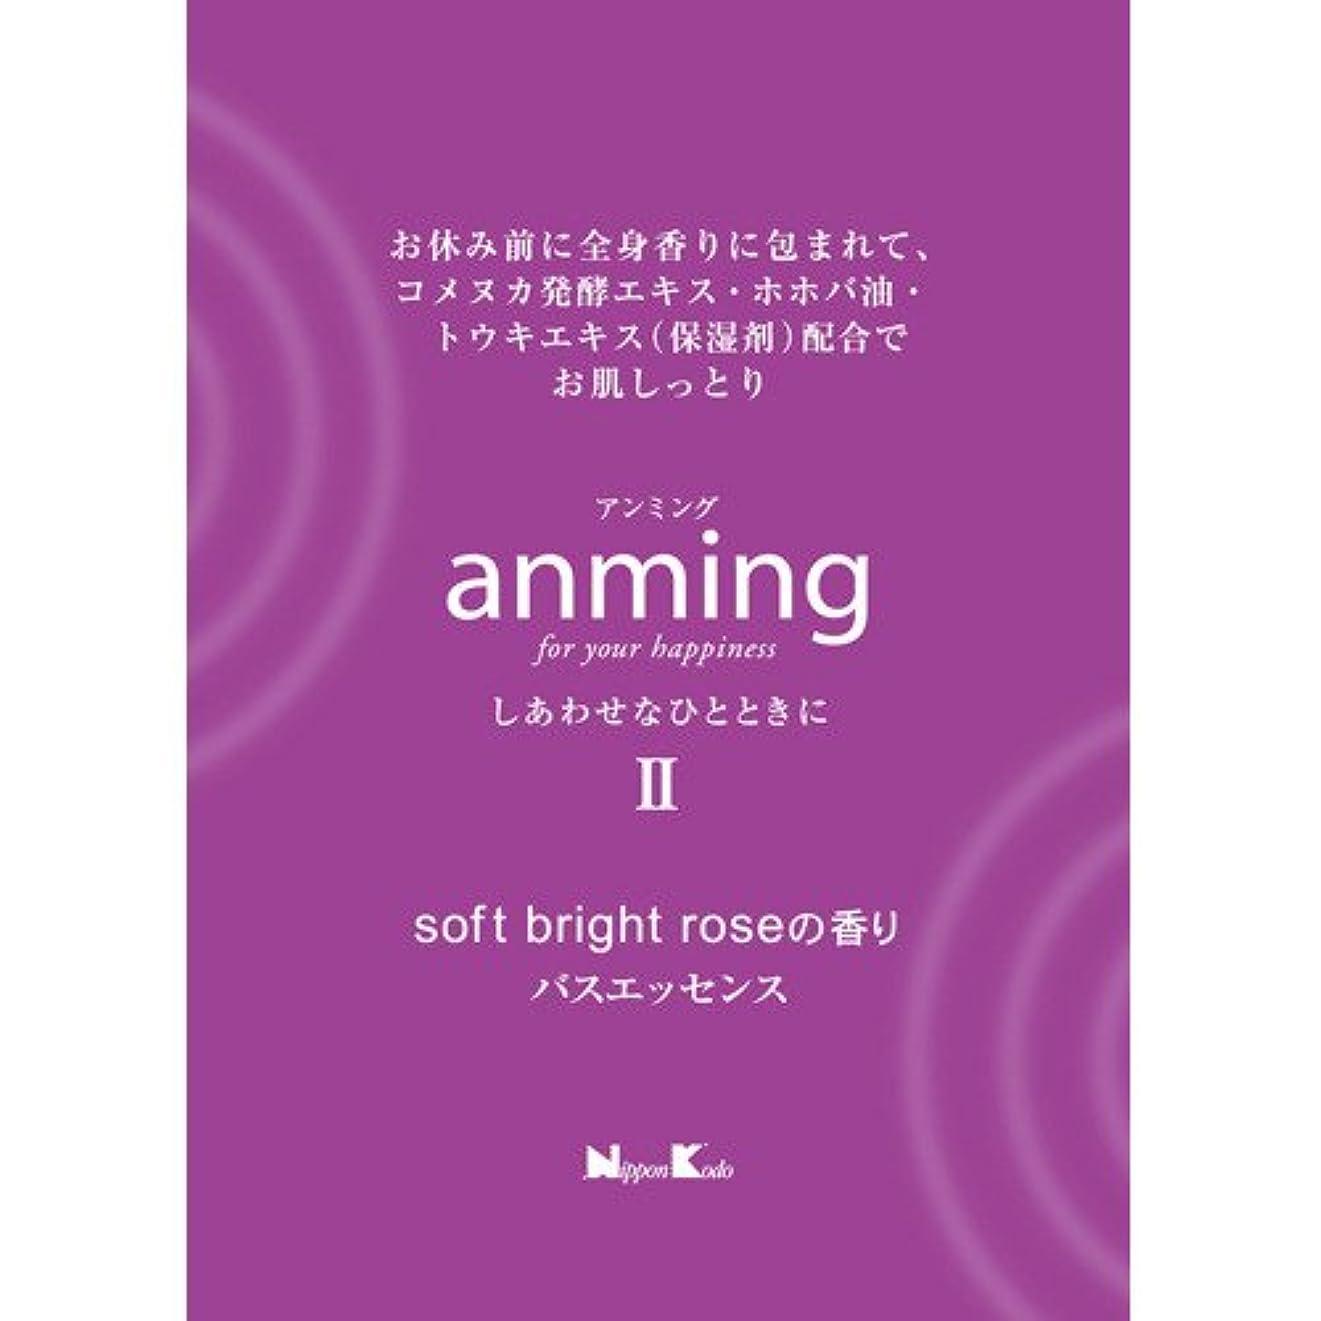 プロフェッショナル農村楽しいアンミング2 バスエッセンス ミニタイプ 48ml